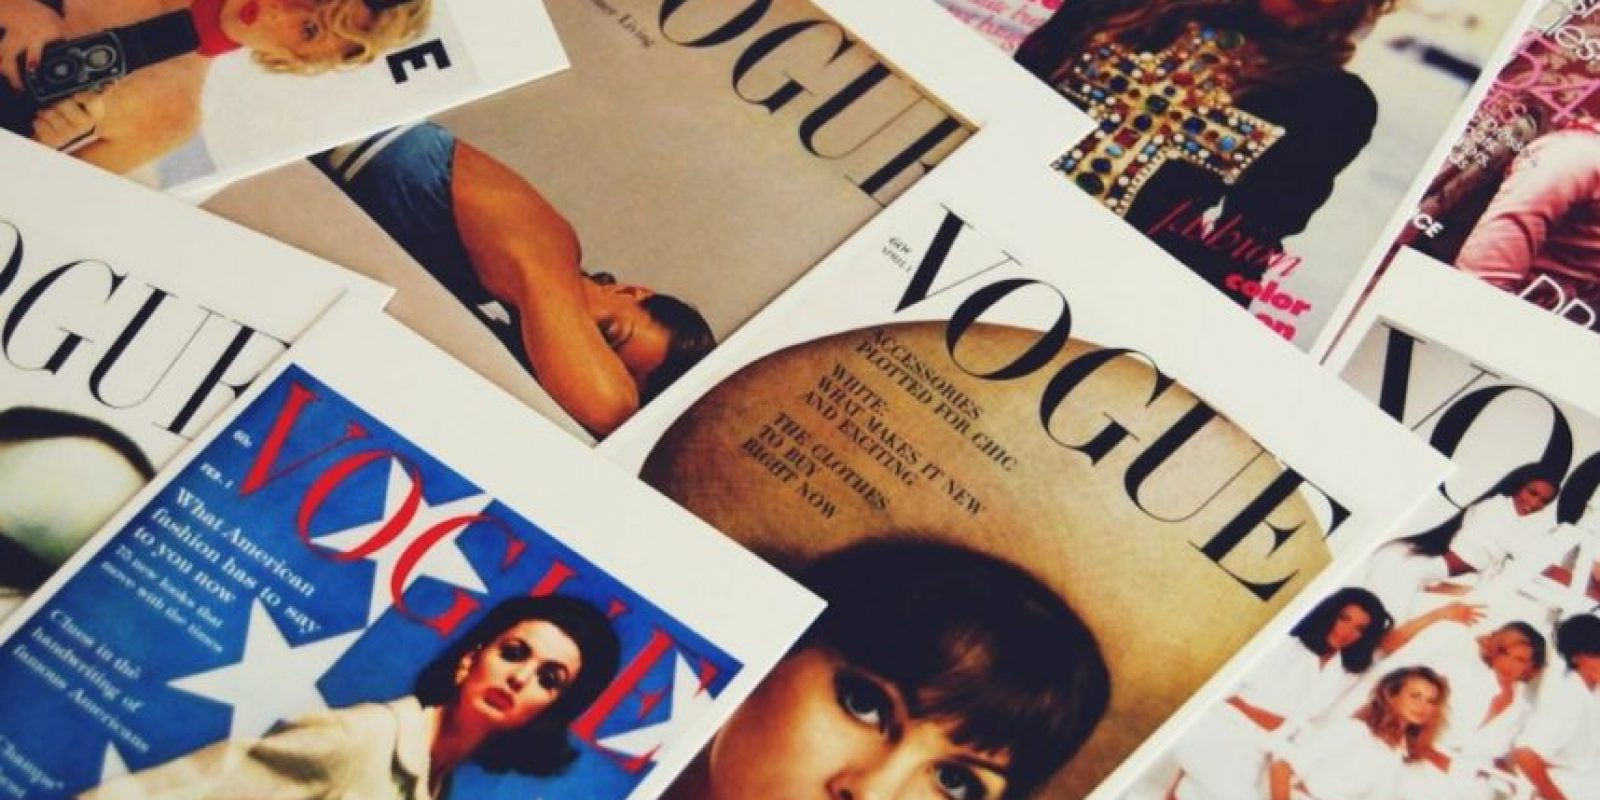 La revista Vogue es un referente de moda y estilo Foto:Tumblr